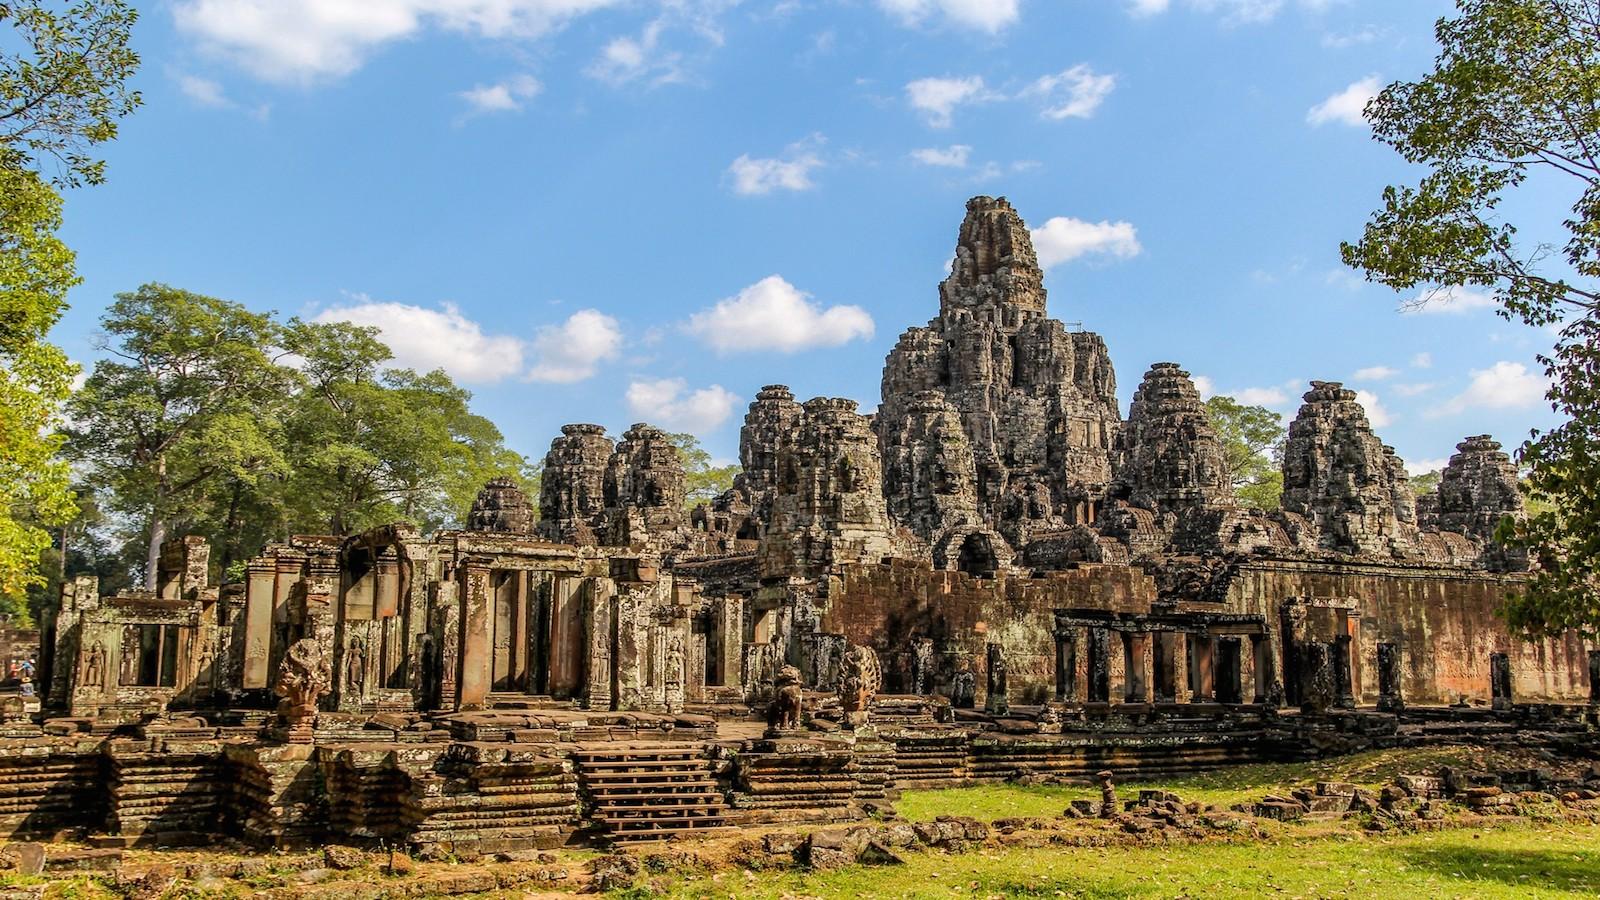 Siem Reap Angkor Wat 5OCEANS CO LTD 1600x900